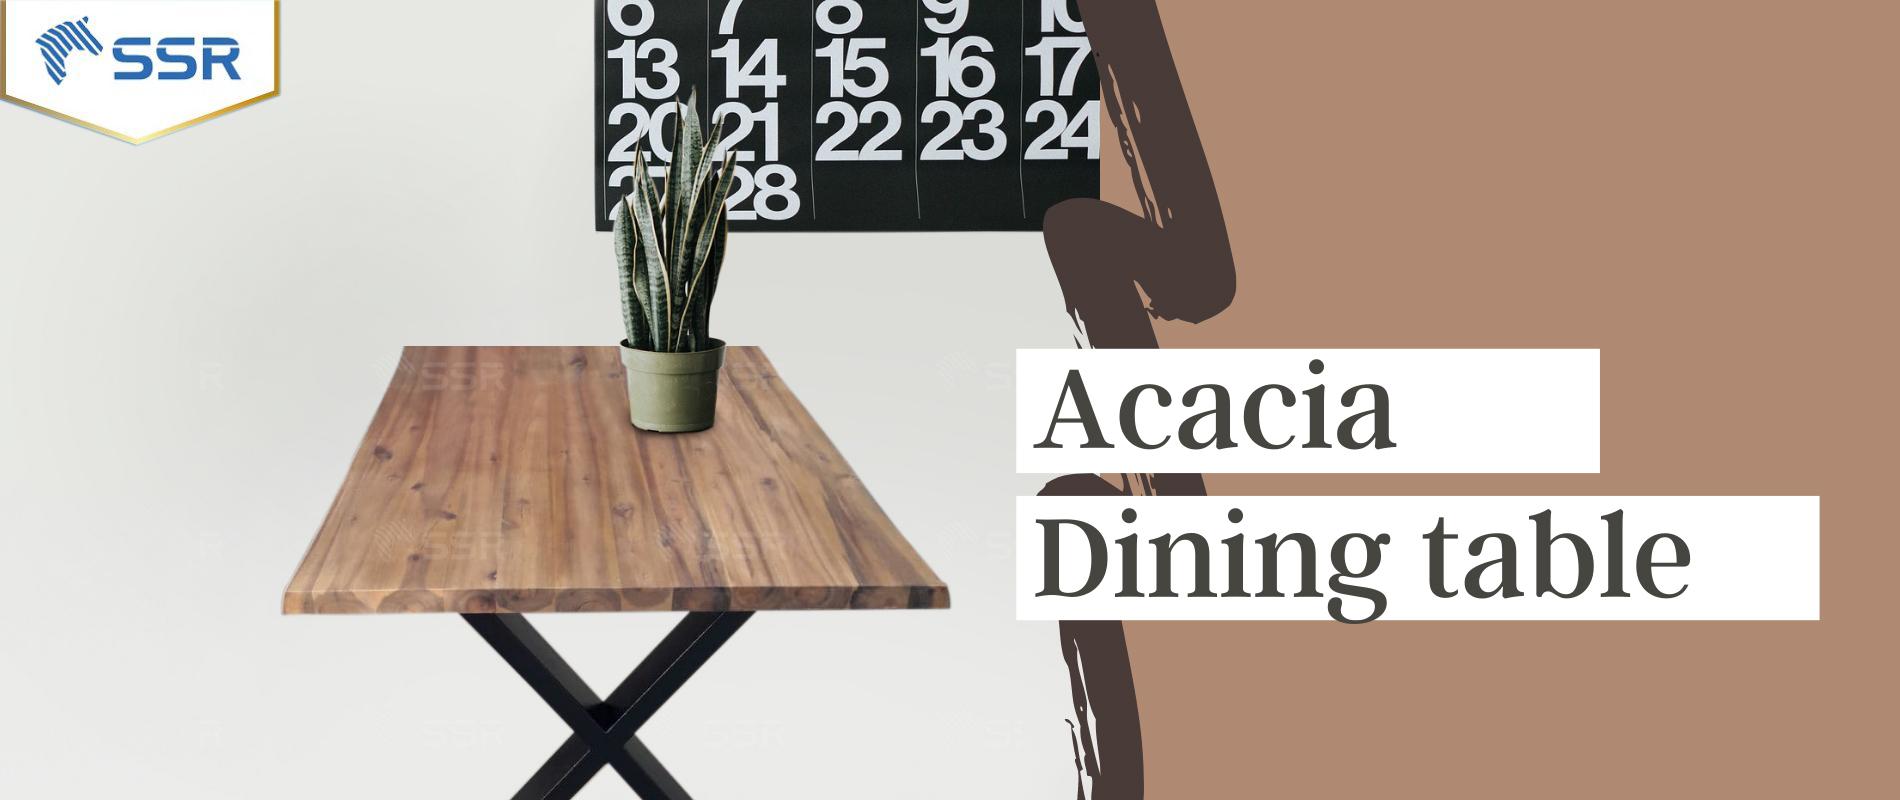 Table de jardin Table de travail Table à manger Meubles Bois d'hévéa Acacia Chêne L'industrie du bois Fournisseur international de produits en bois De gros Certifié FSC Importation Exportation